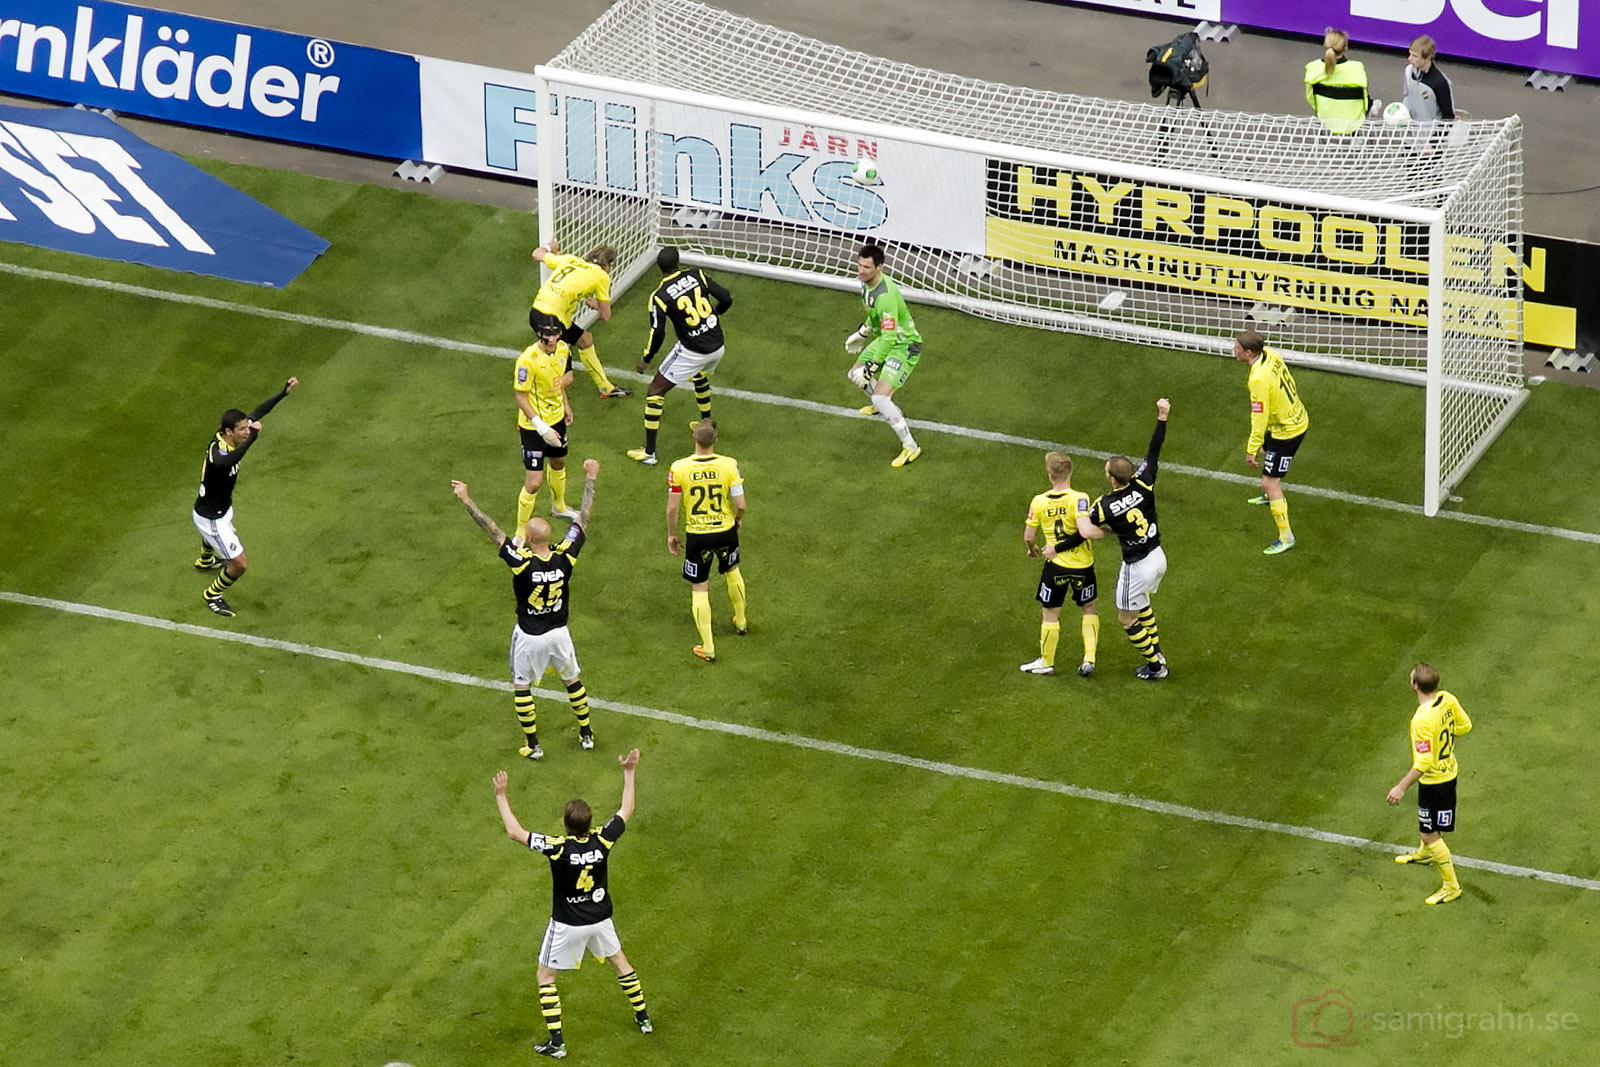 Jubel efter nickmål av AIK Daniel Majstorovic